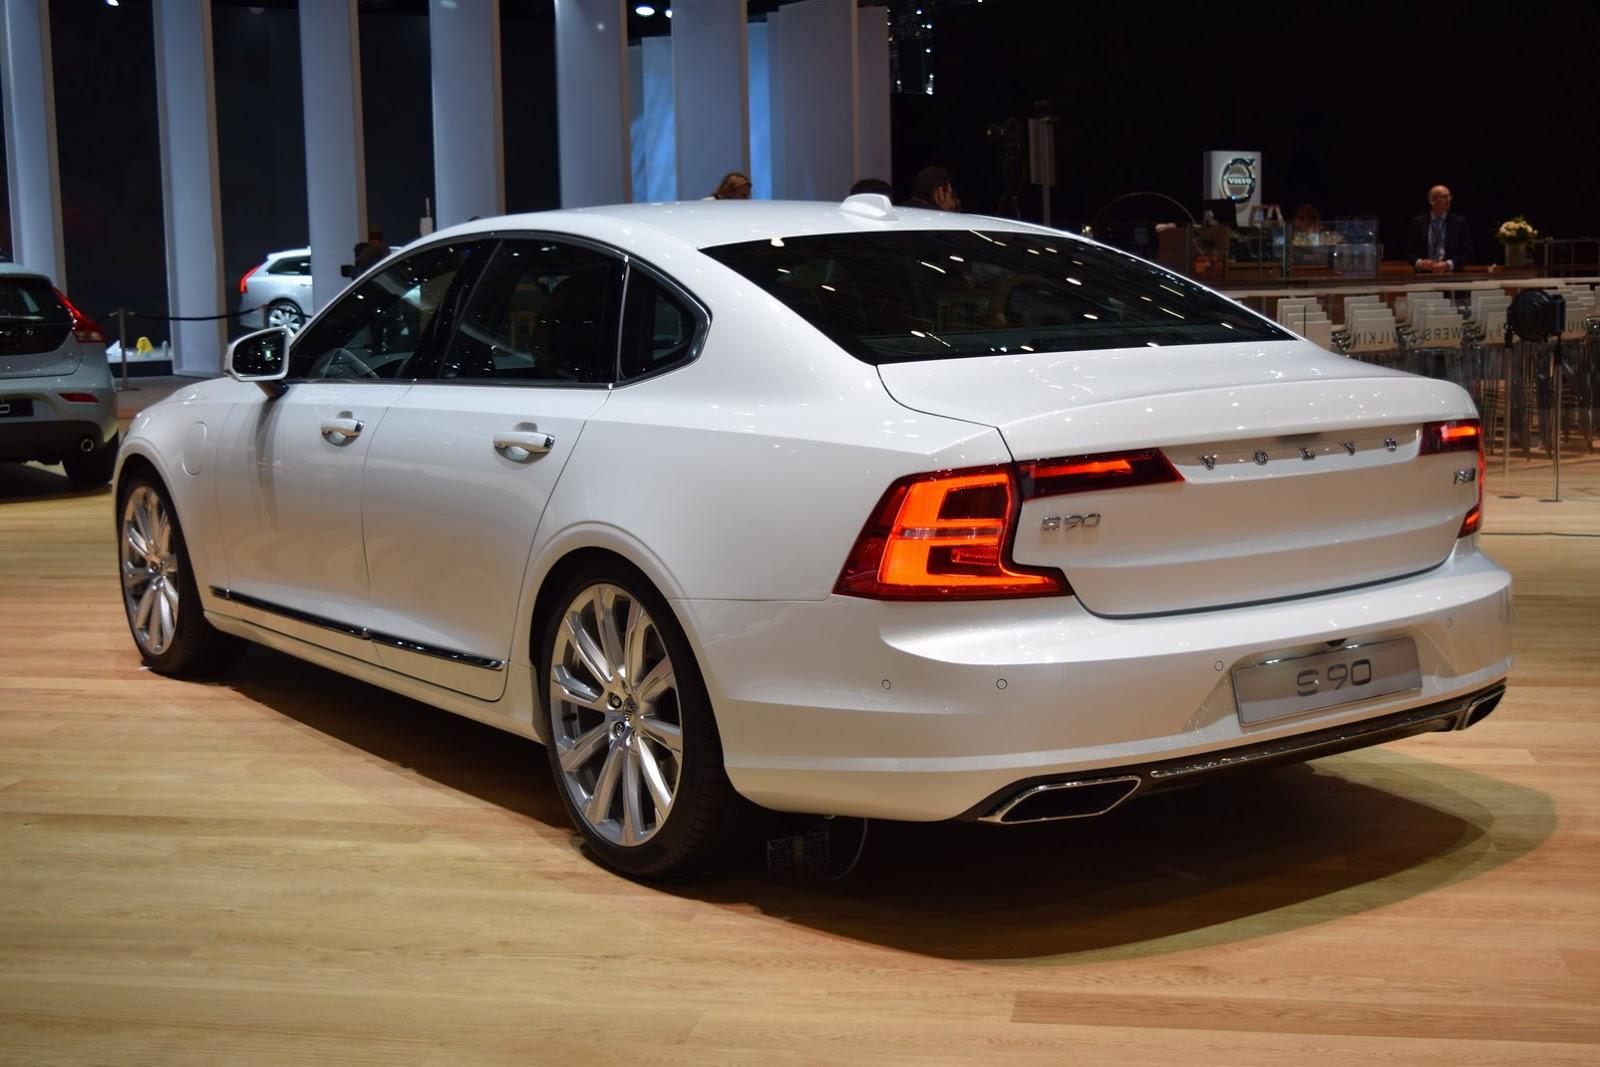 1377370876000-large-jetsw-11-0062-se Momentum Audi